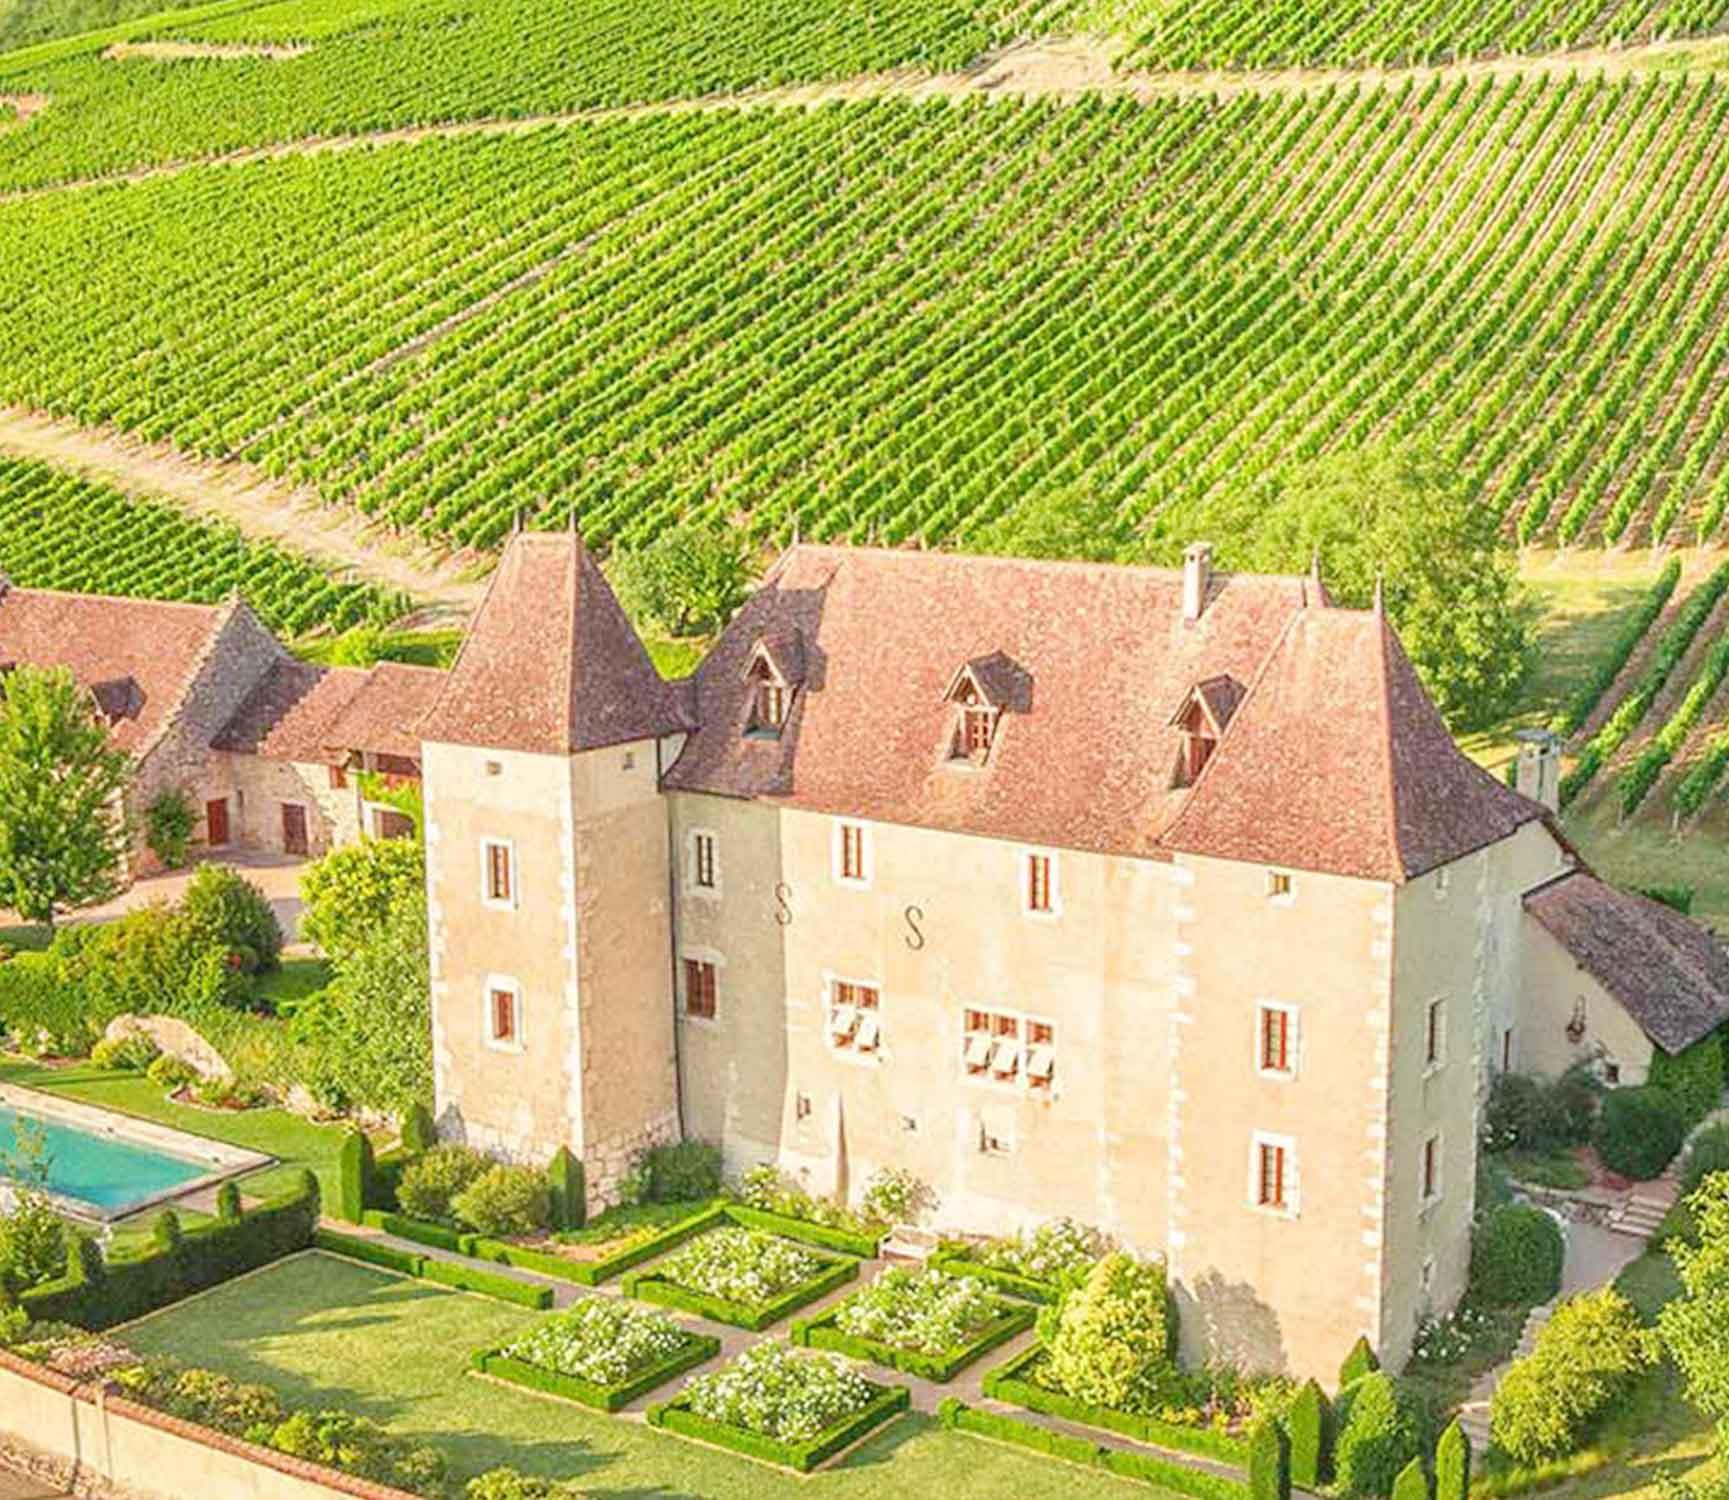 Vue drone du Chateau de La Mar et de ses vignes